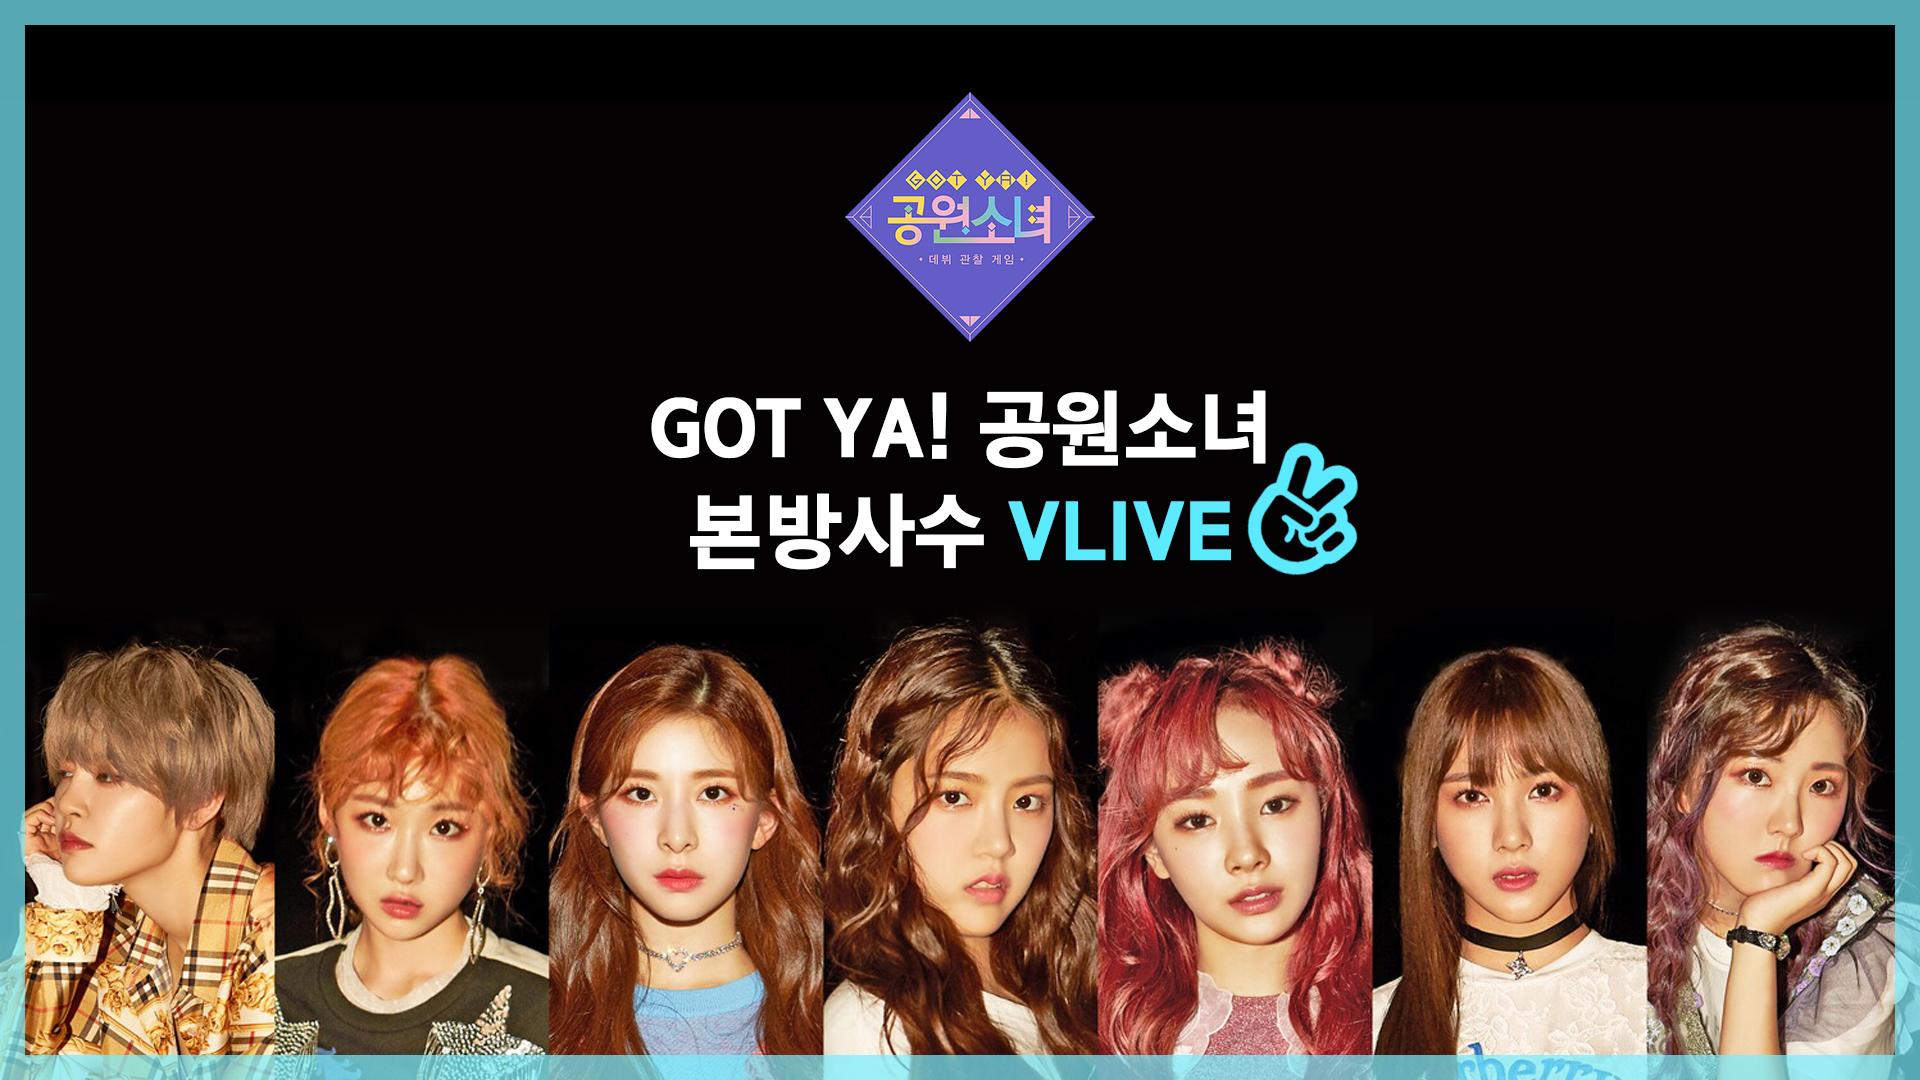 [GWSN V] GOT YA! 공원소녀 본방사수 완료 V LIVE #09